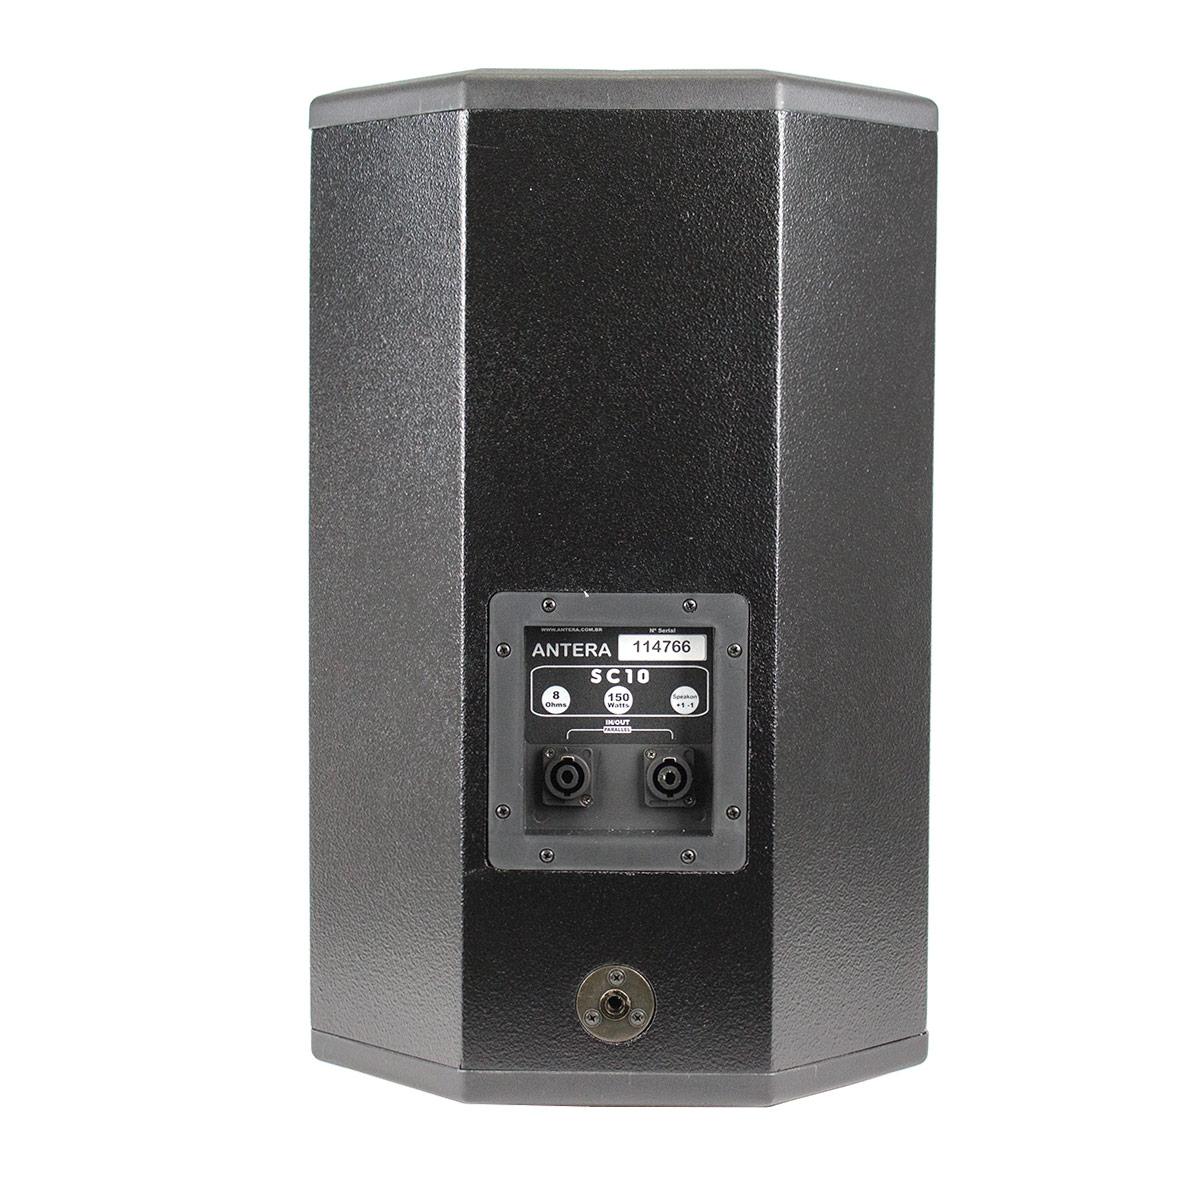 Caixa Passiva Fal 10 Pol 150W c/ FLY - SC 10 Antera